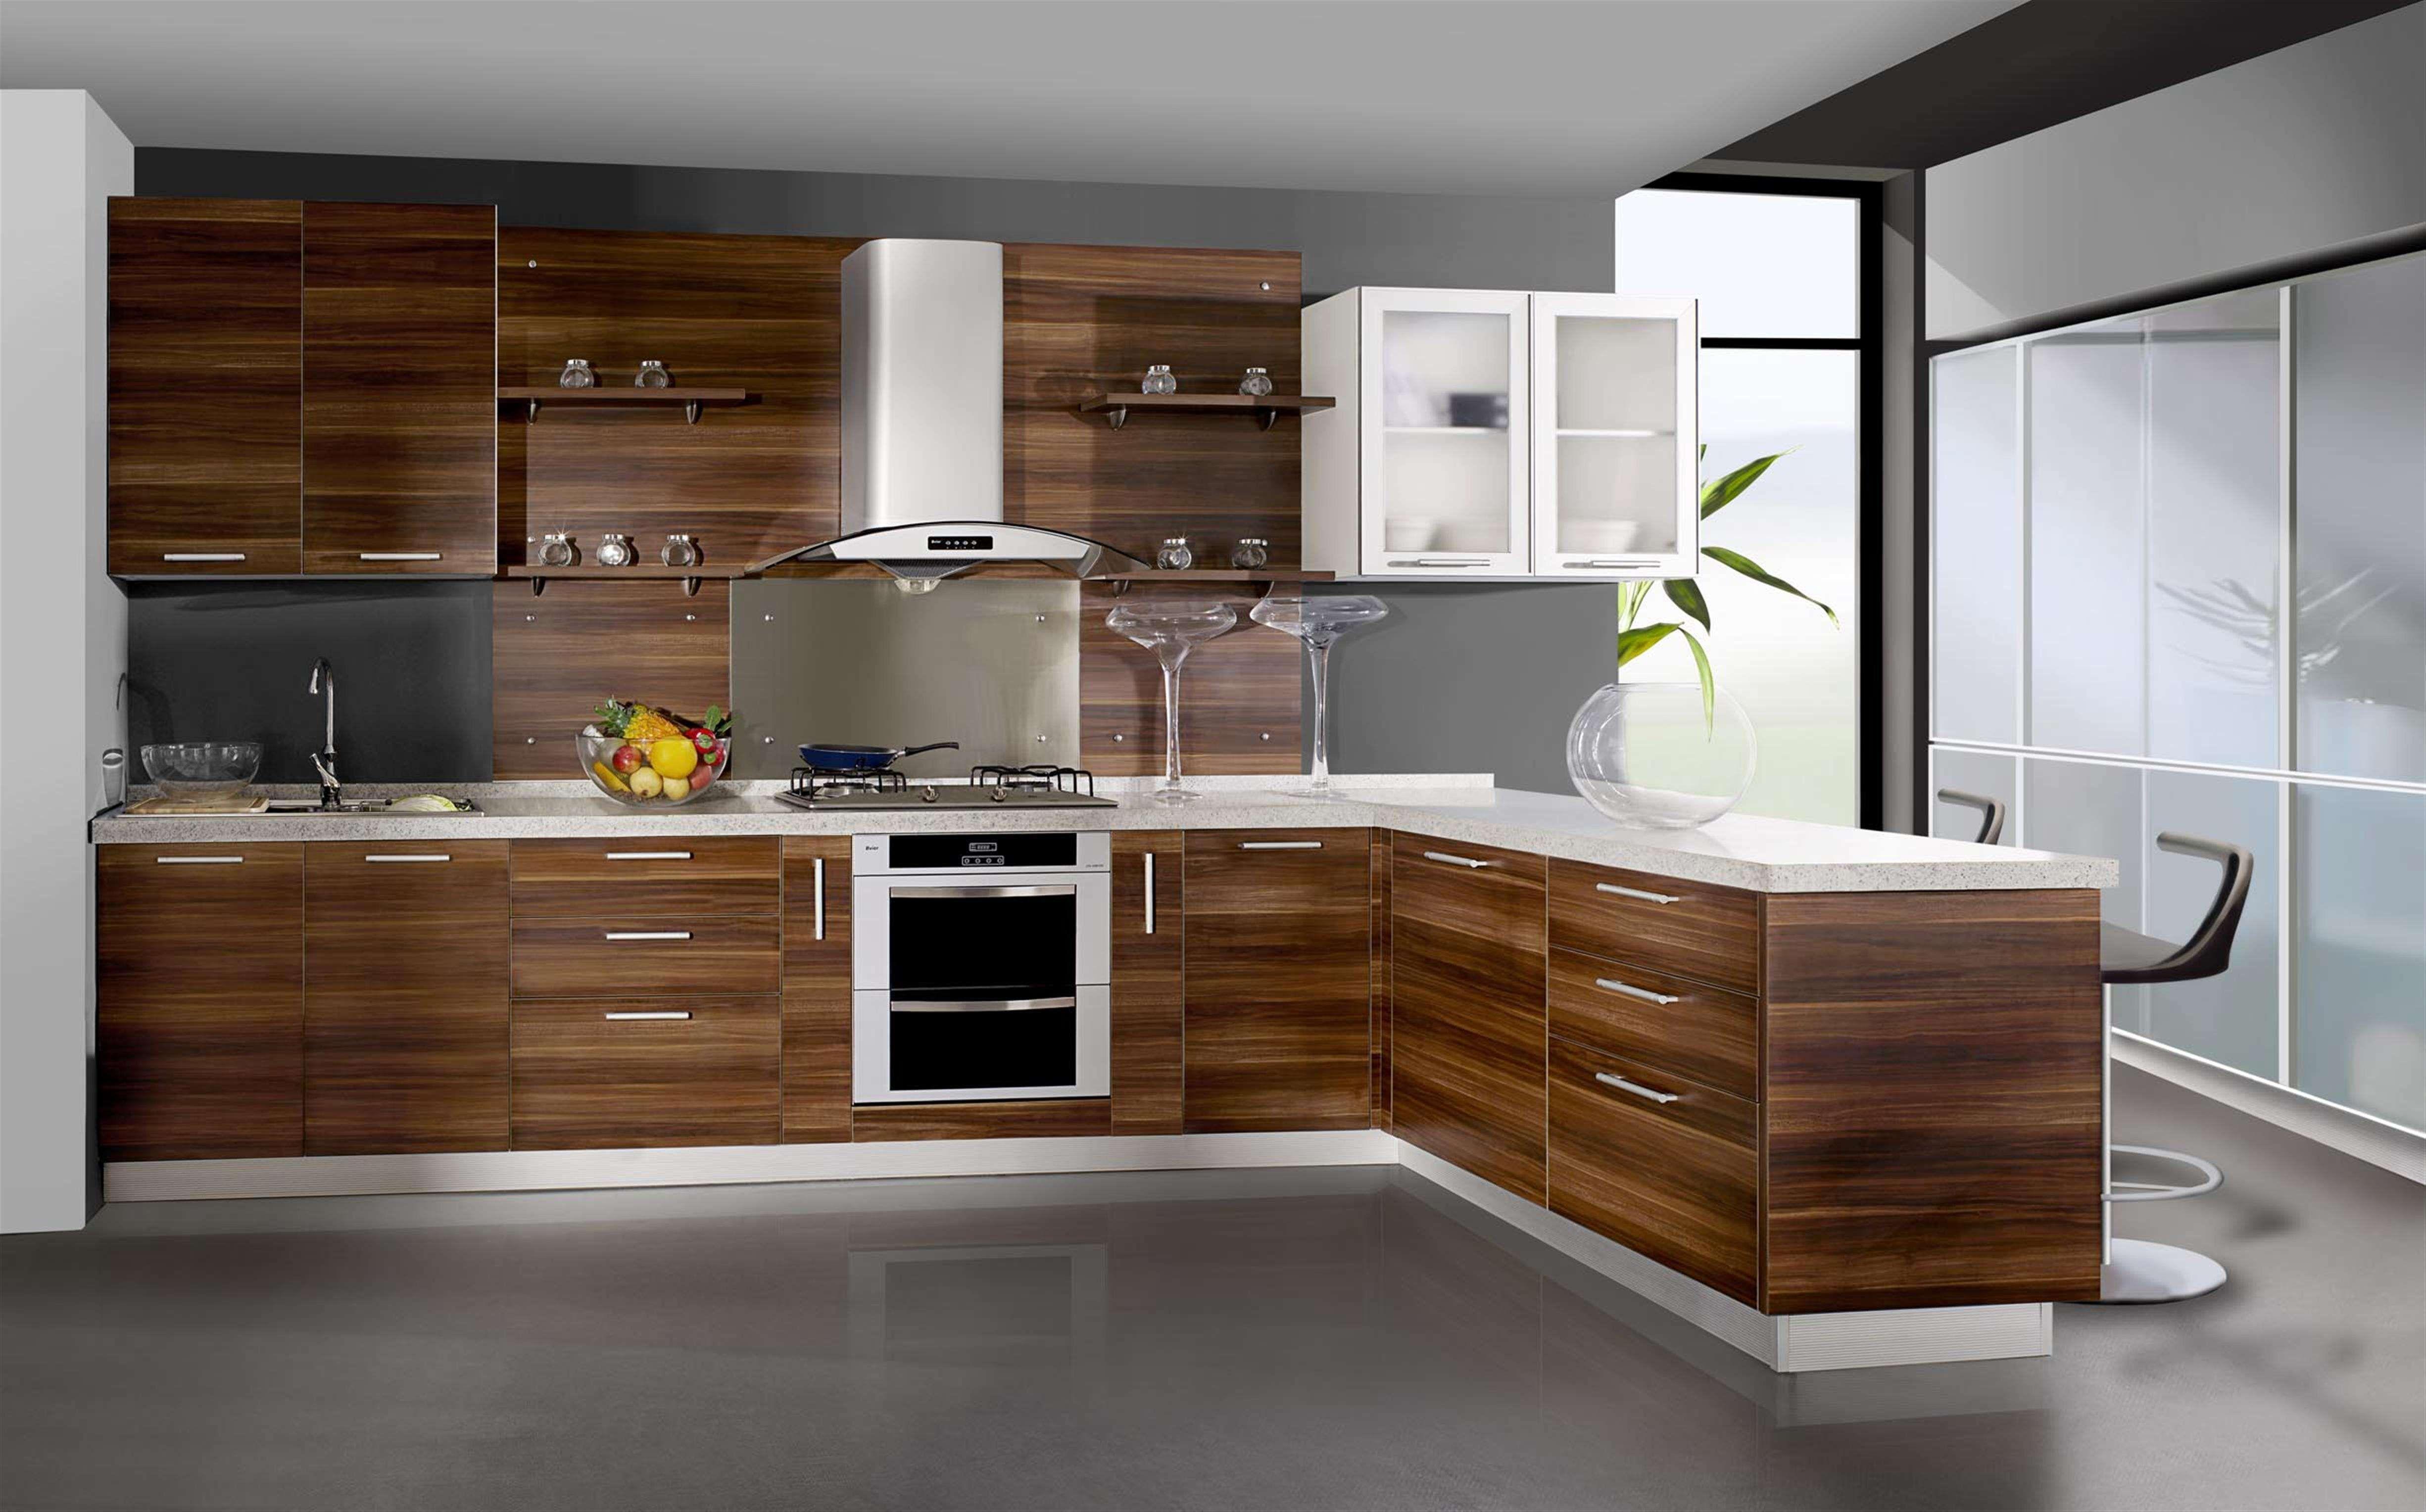 Modern Kitchen Cabinet Design In 2020 Plywood Kitchen Buy Kitchen Cabinets Kitchen Cabinets